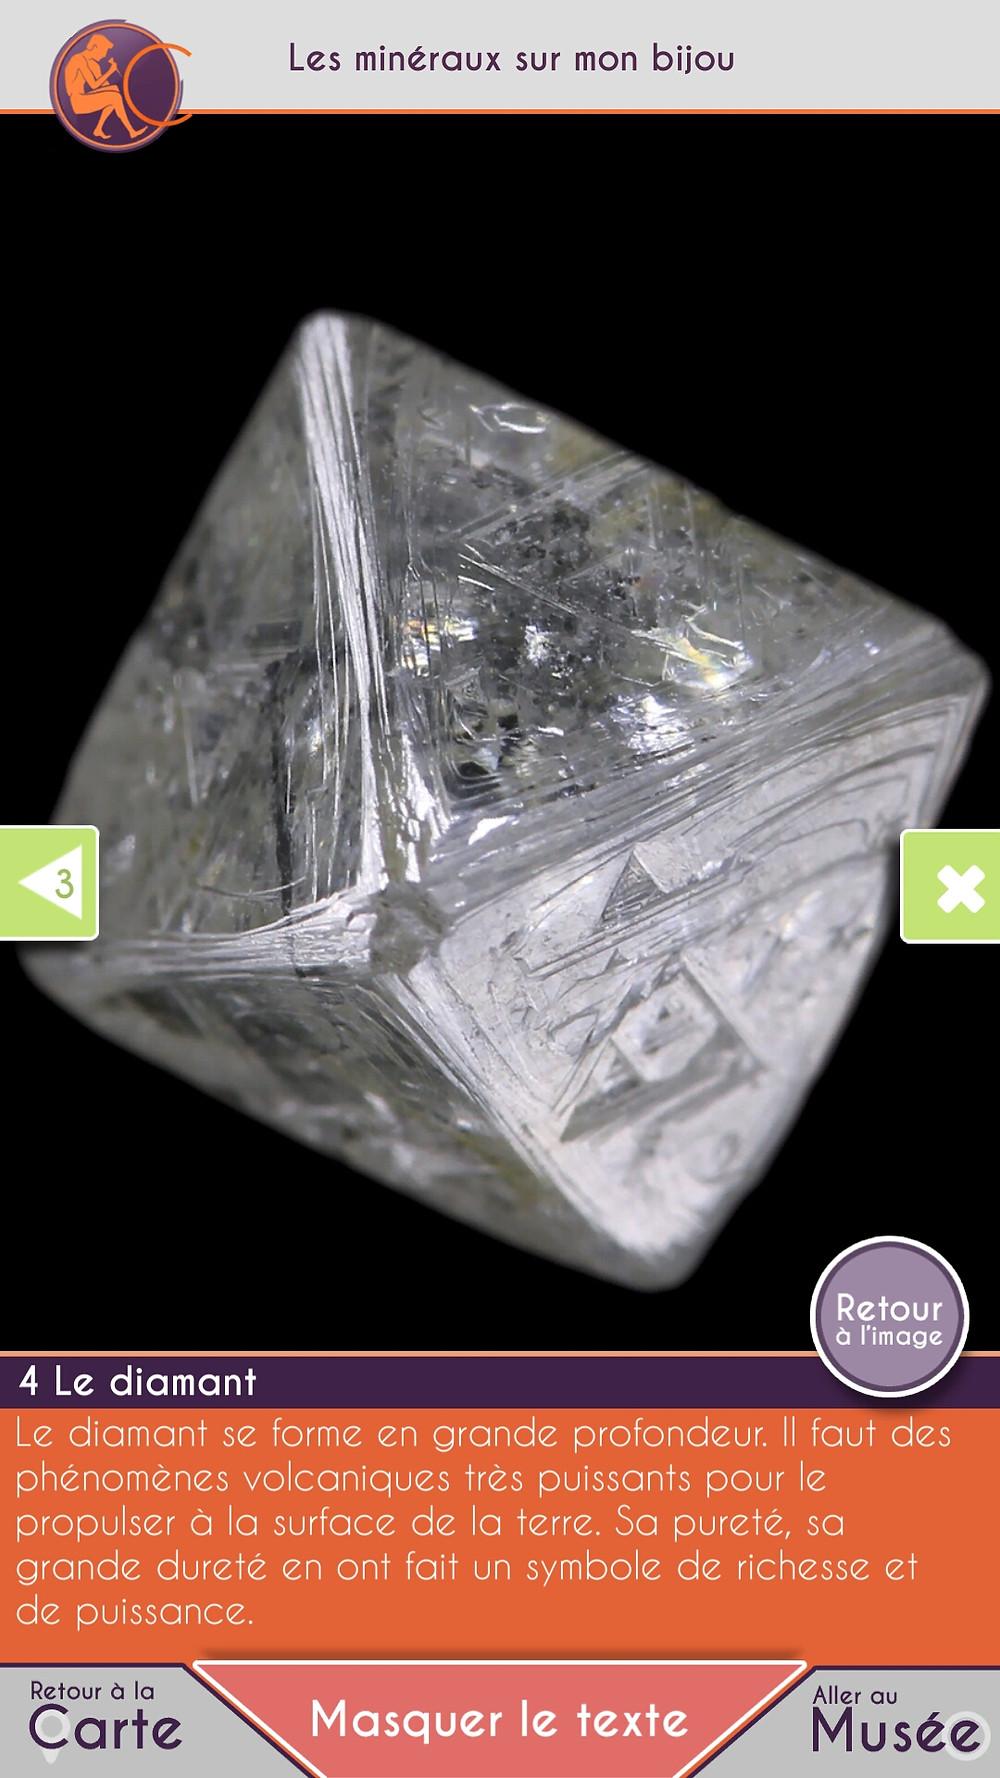 Diamant et minéraux du Musée de Minéralogie Mines ParisTech